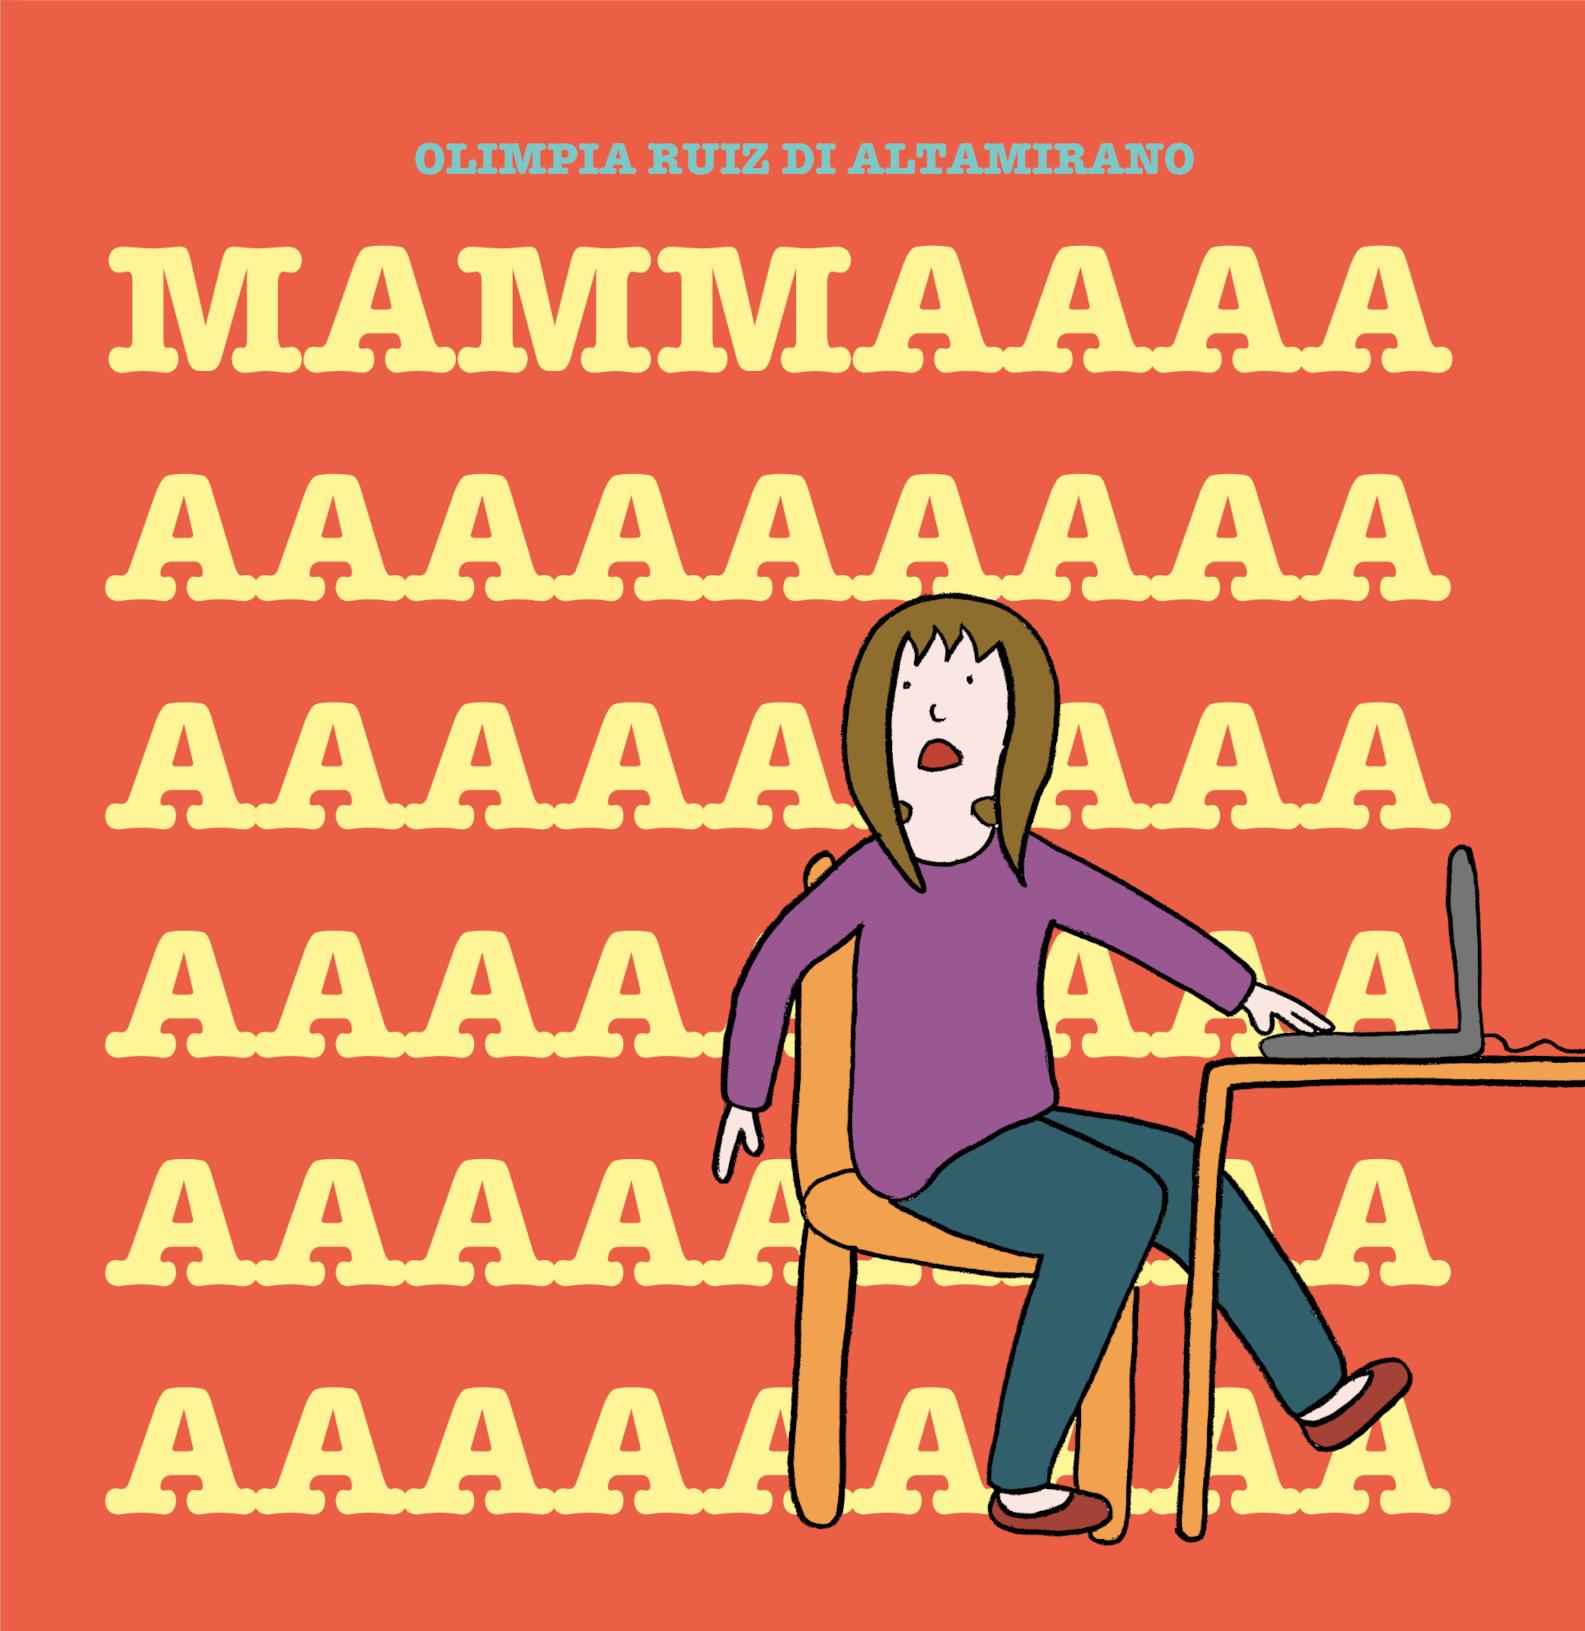 Mamma! La mia parola preferita è mamma.